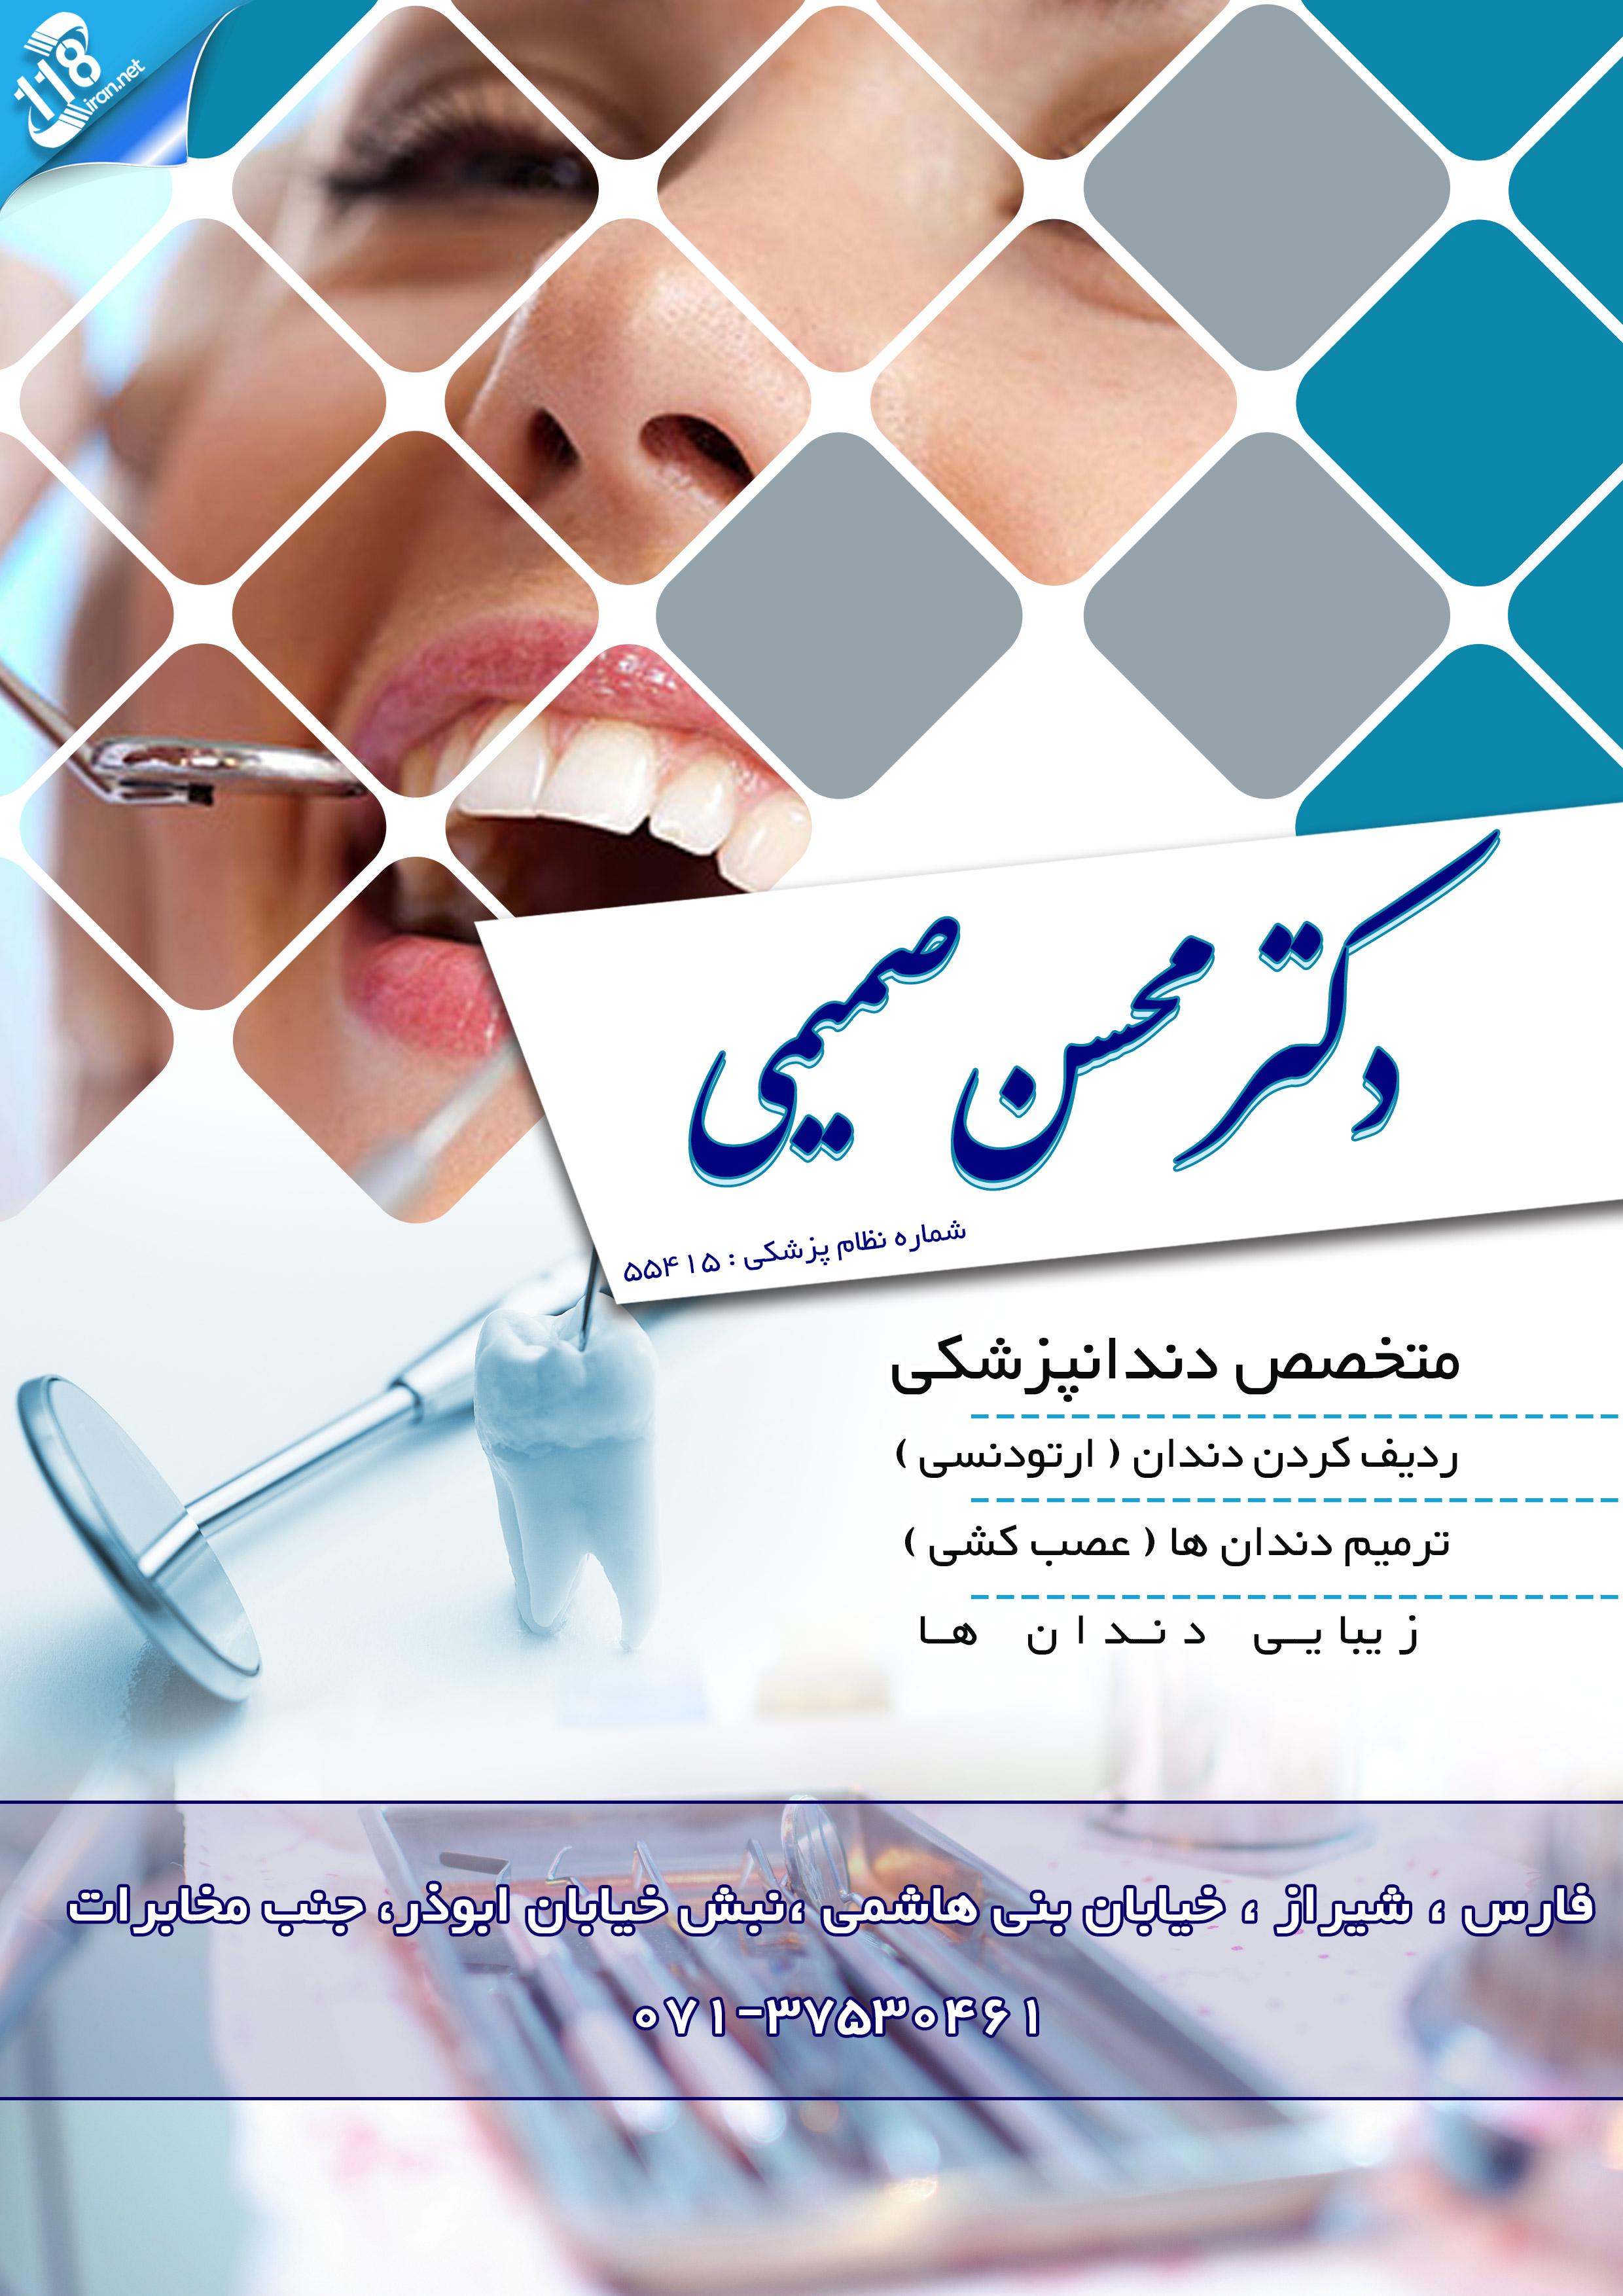 دکتر محسن صمیمی در شیراز